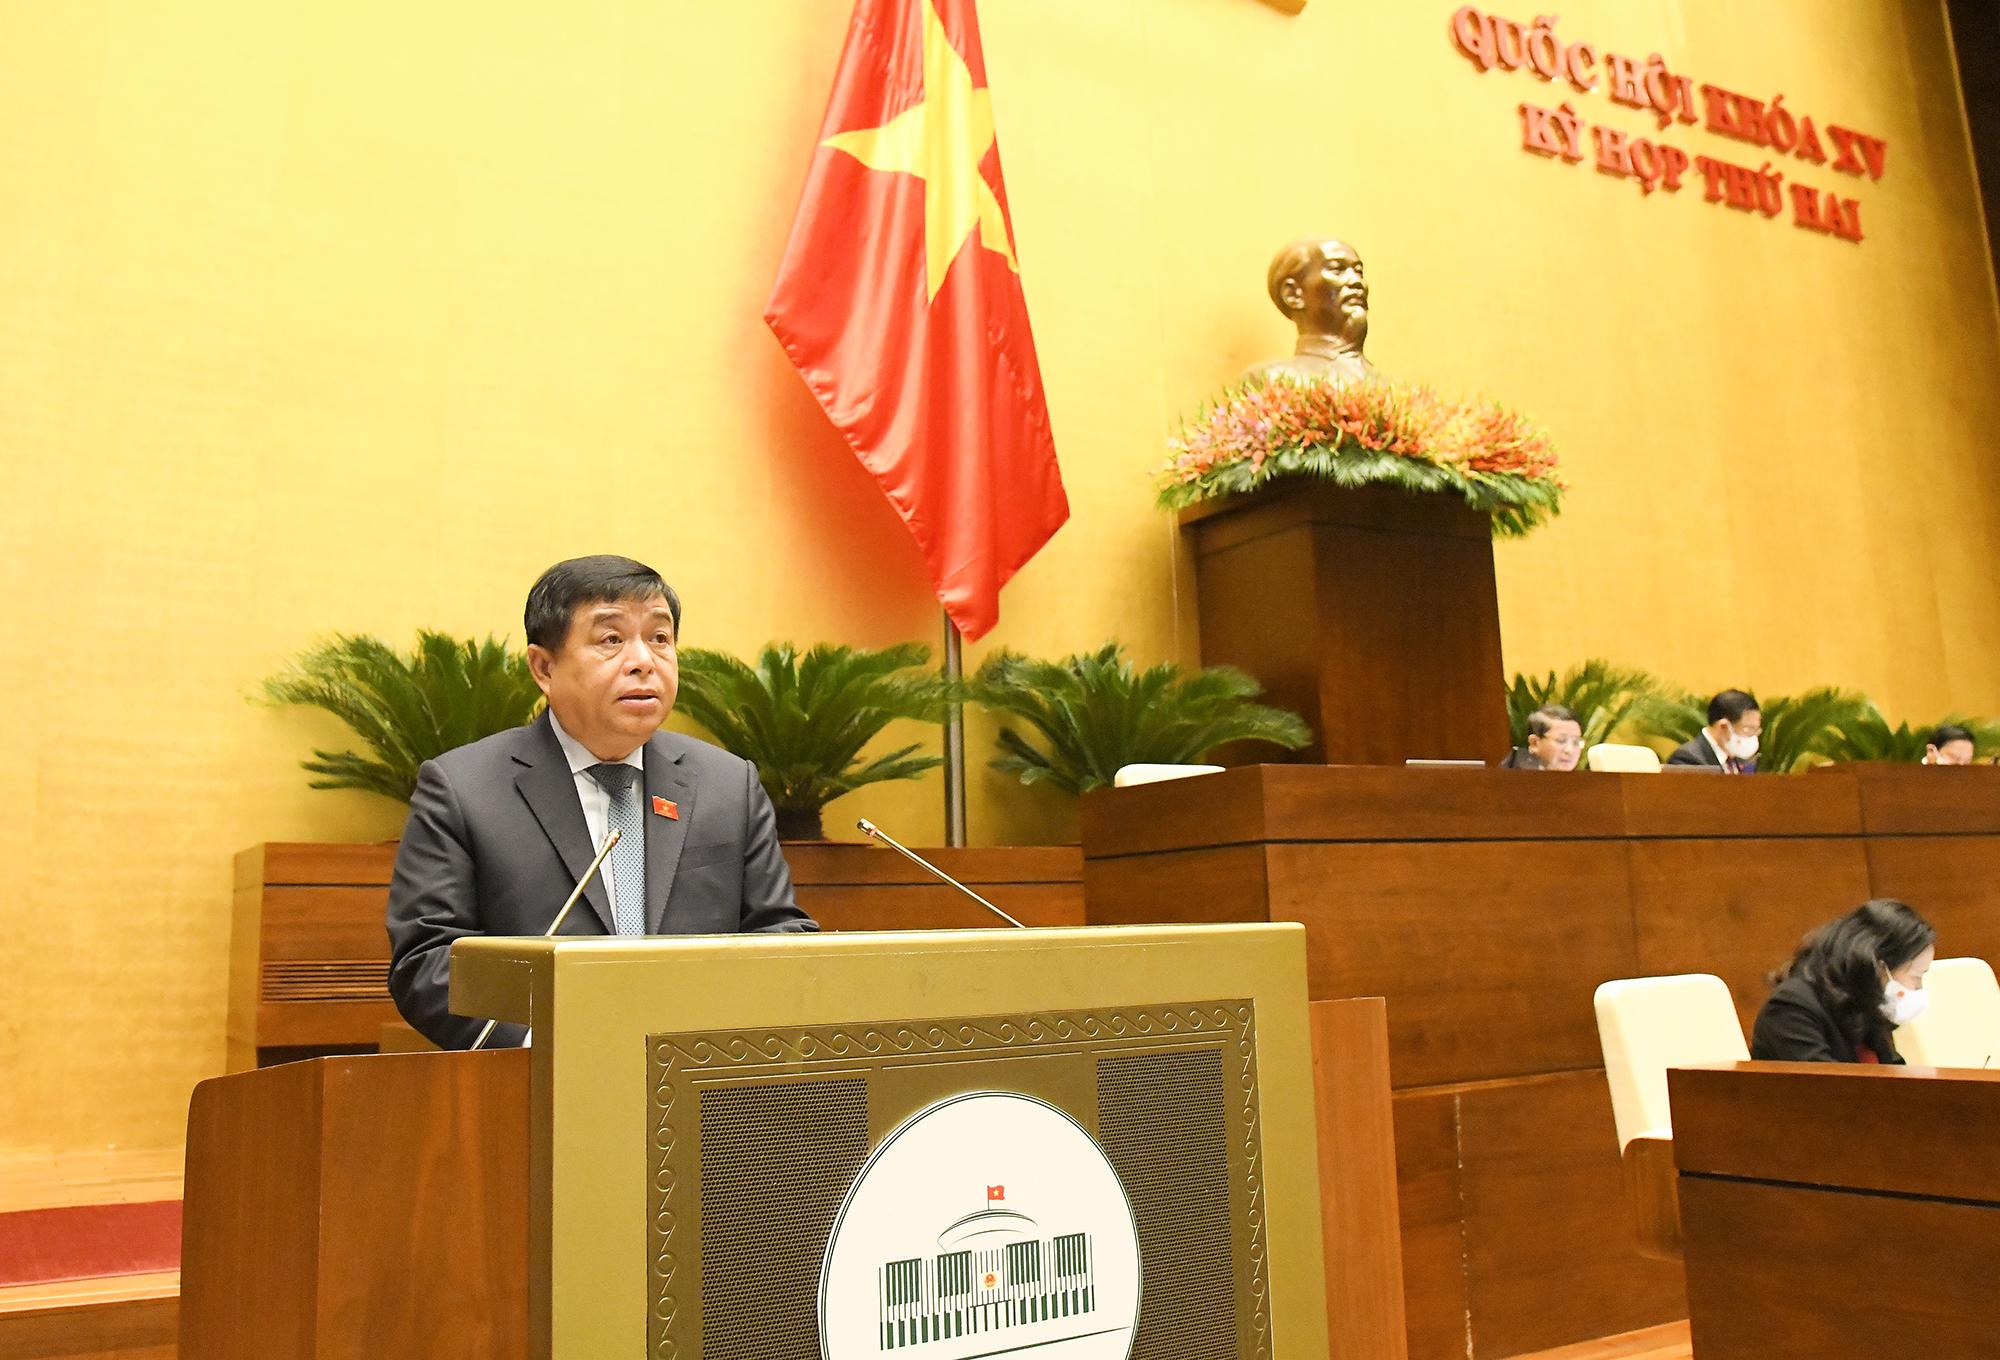 Quốc hội xem xét một số cơ chế, chính sách đặc thù phát triển Thành phố Hải Phòng và các tỉnh Nghệ An, Thanh Hóa, Thừa Thiên Huế